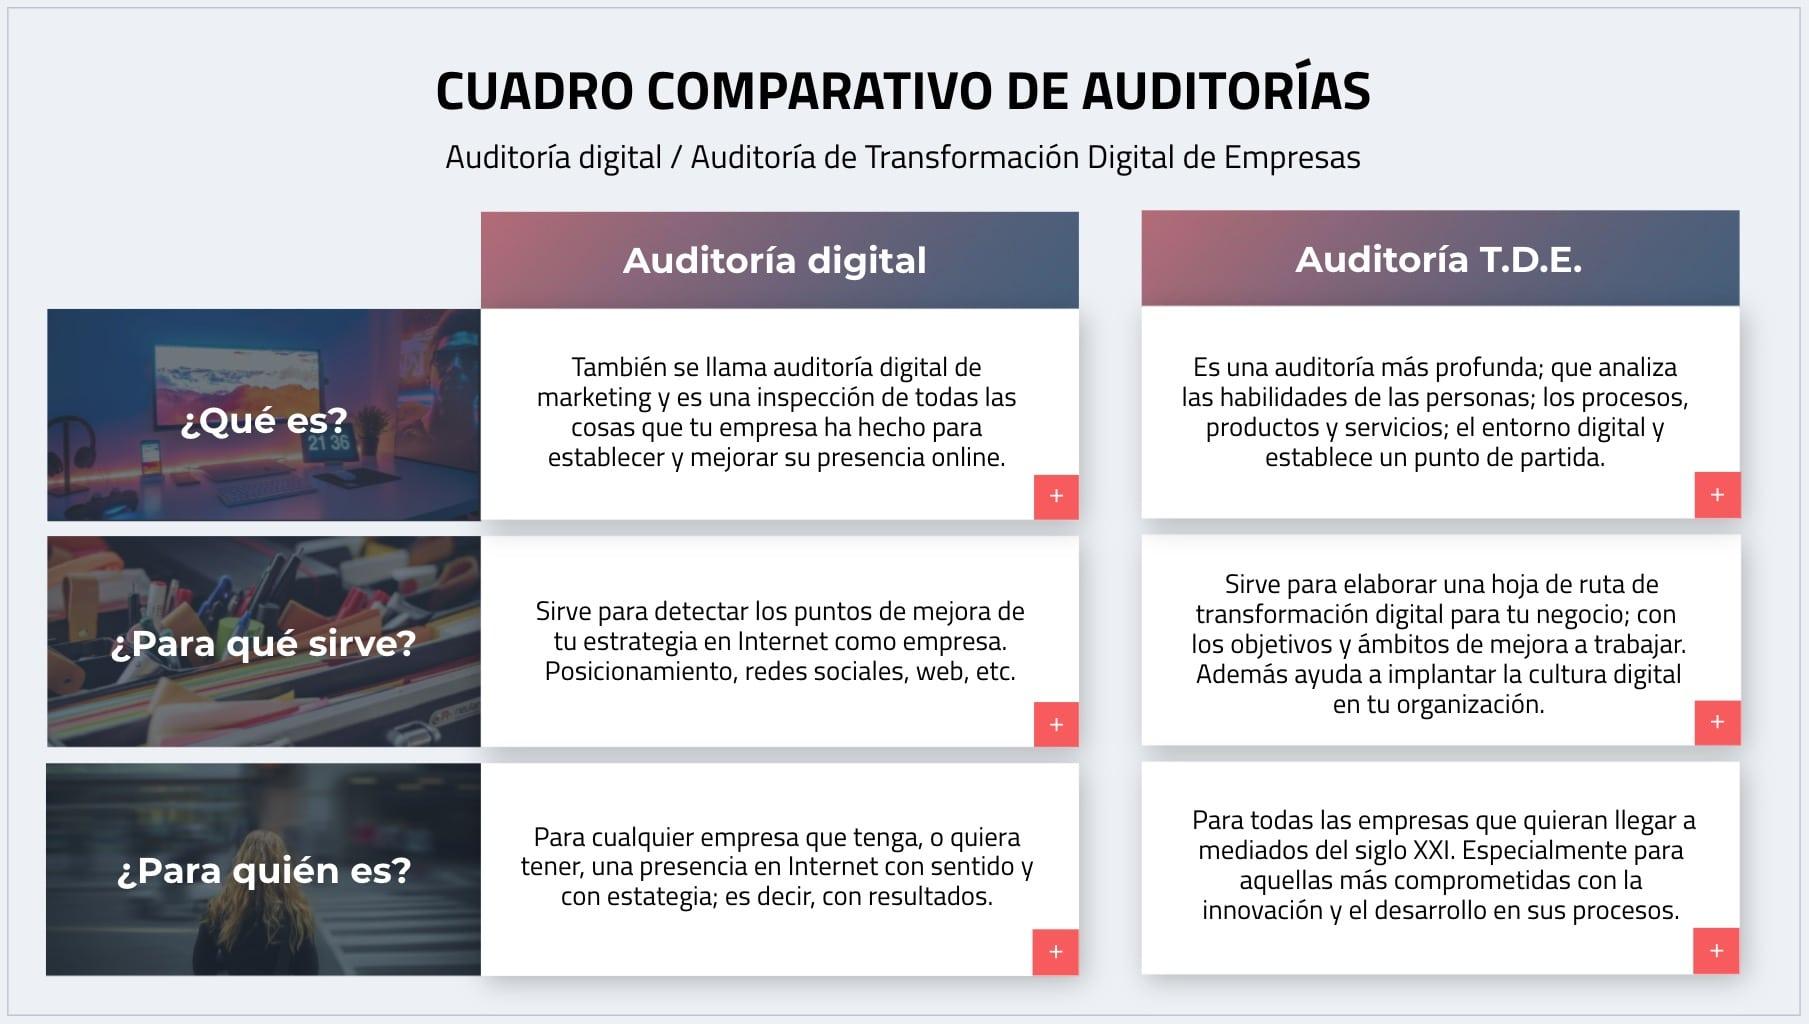 Auditoría de transformación digital de empresa